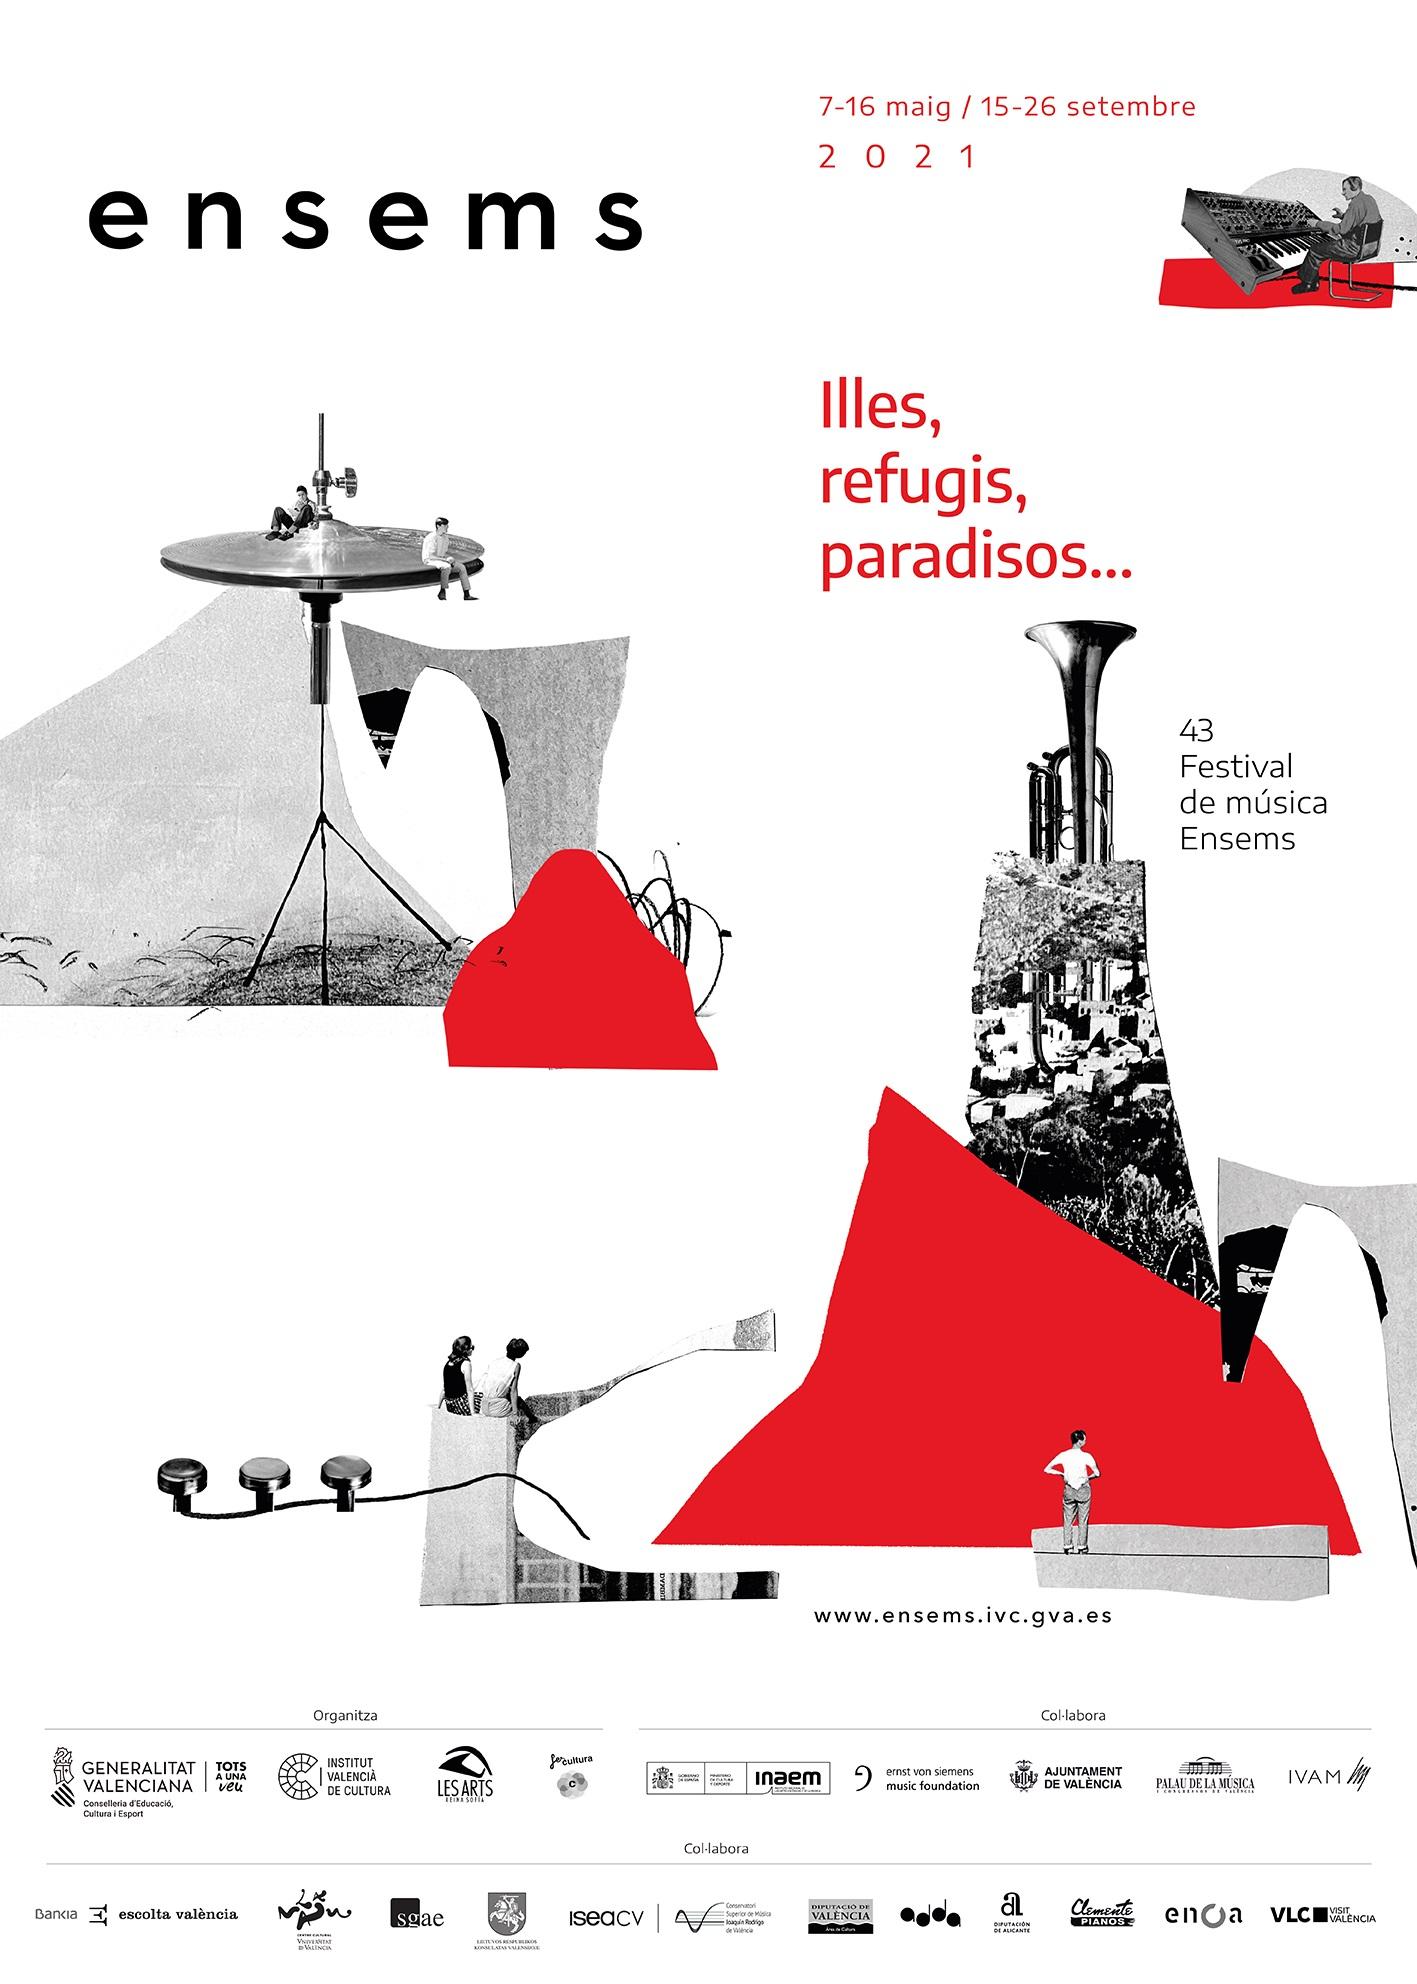 """El festival Ensems programarà una dotzena d""""espectacles amb protagonisme valencià"""